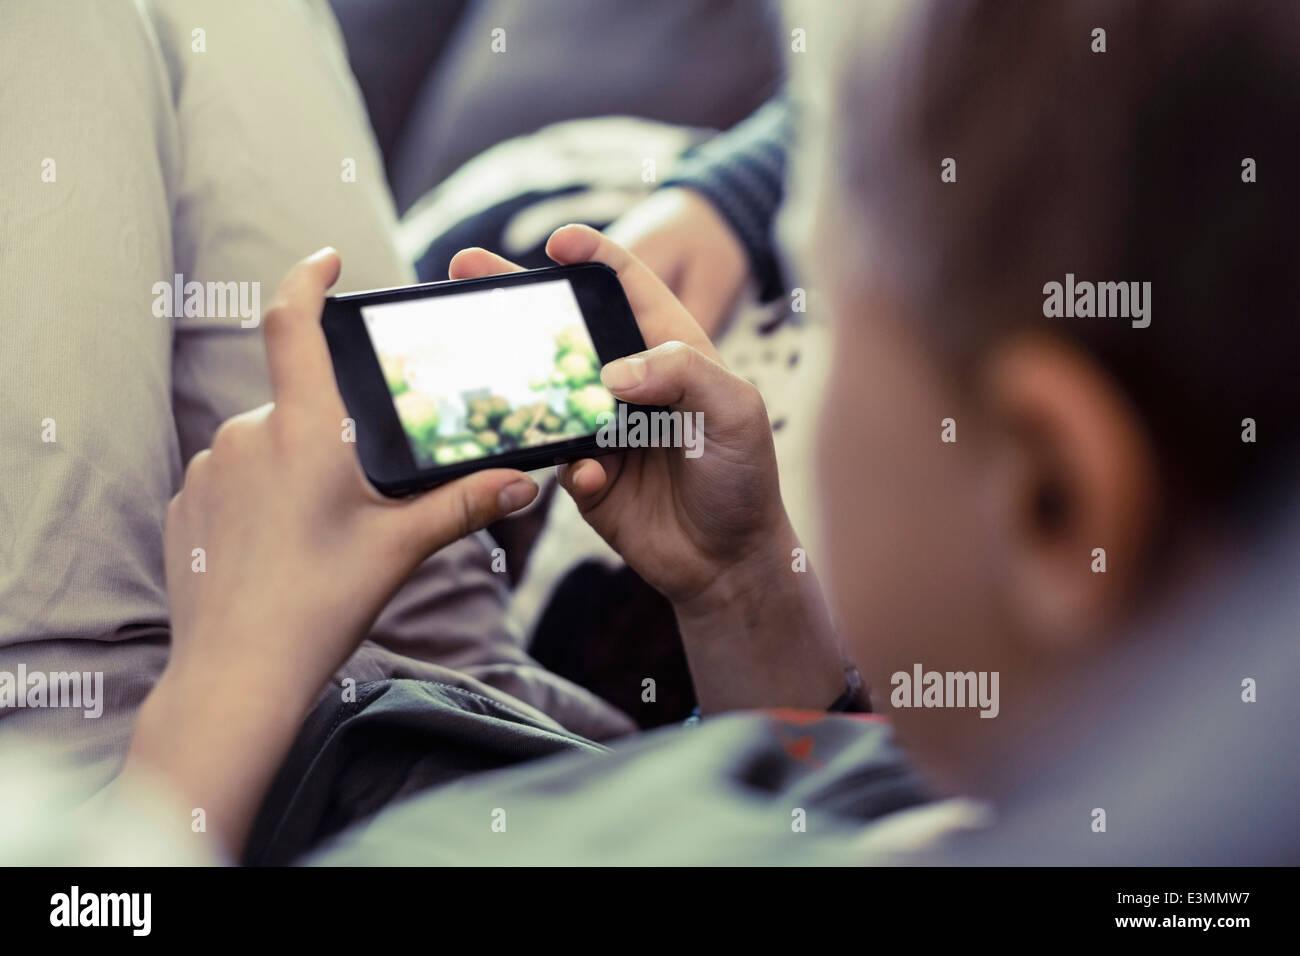 Ragazzo giocando su telefono cellulare a casa Immagini Stock